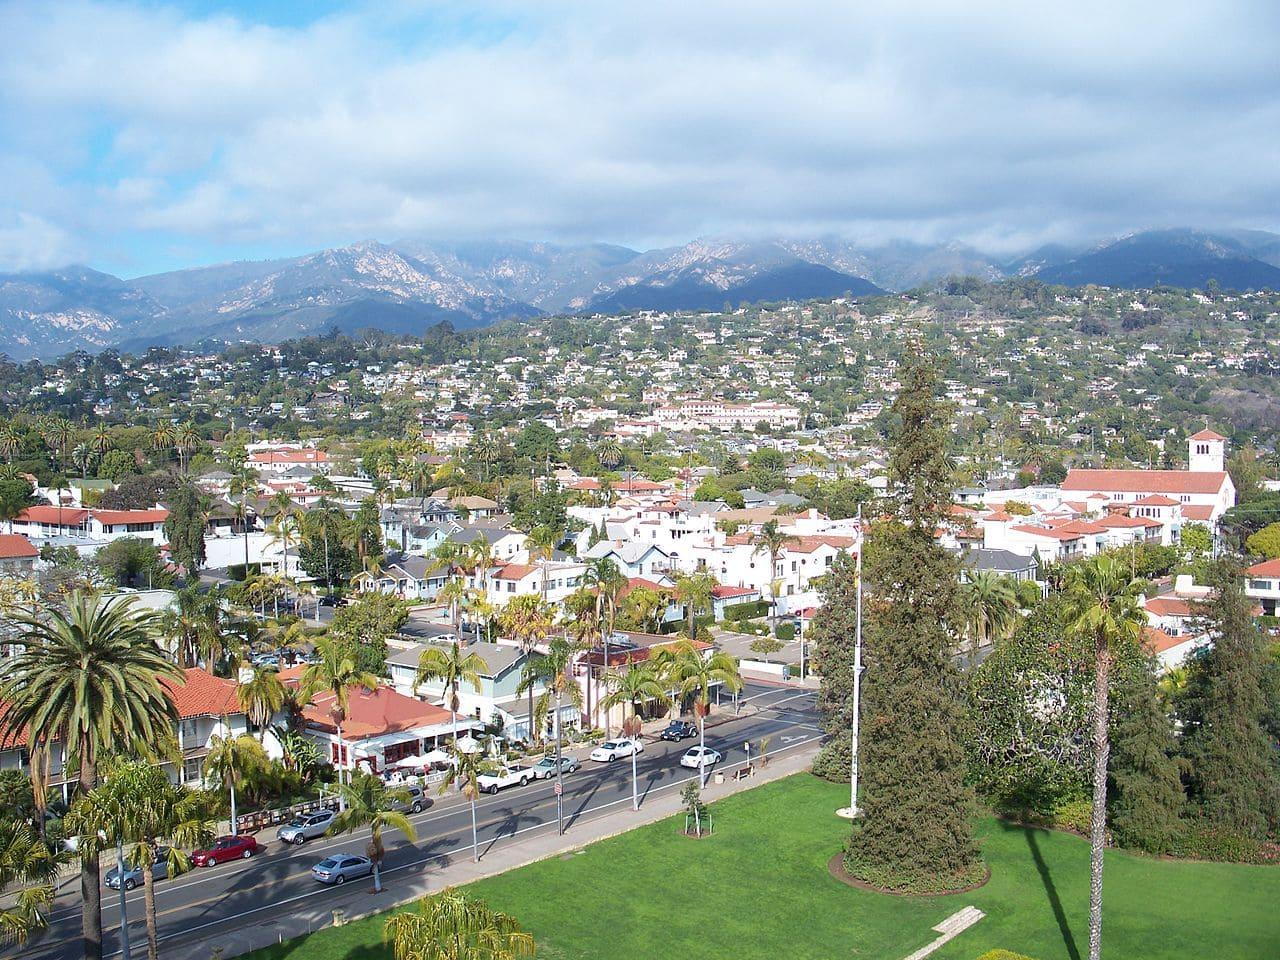 Imagem da cidade para inspirar quem está buscando contabilidade em Santa Bárbara do Sul